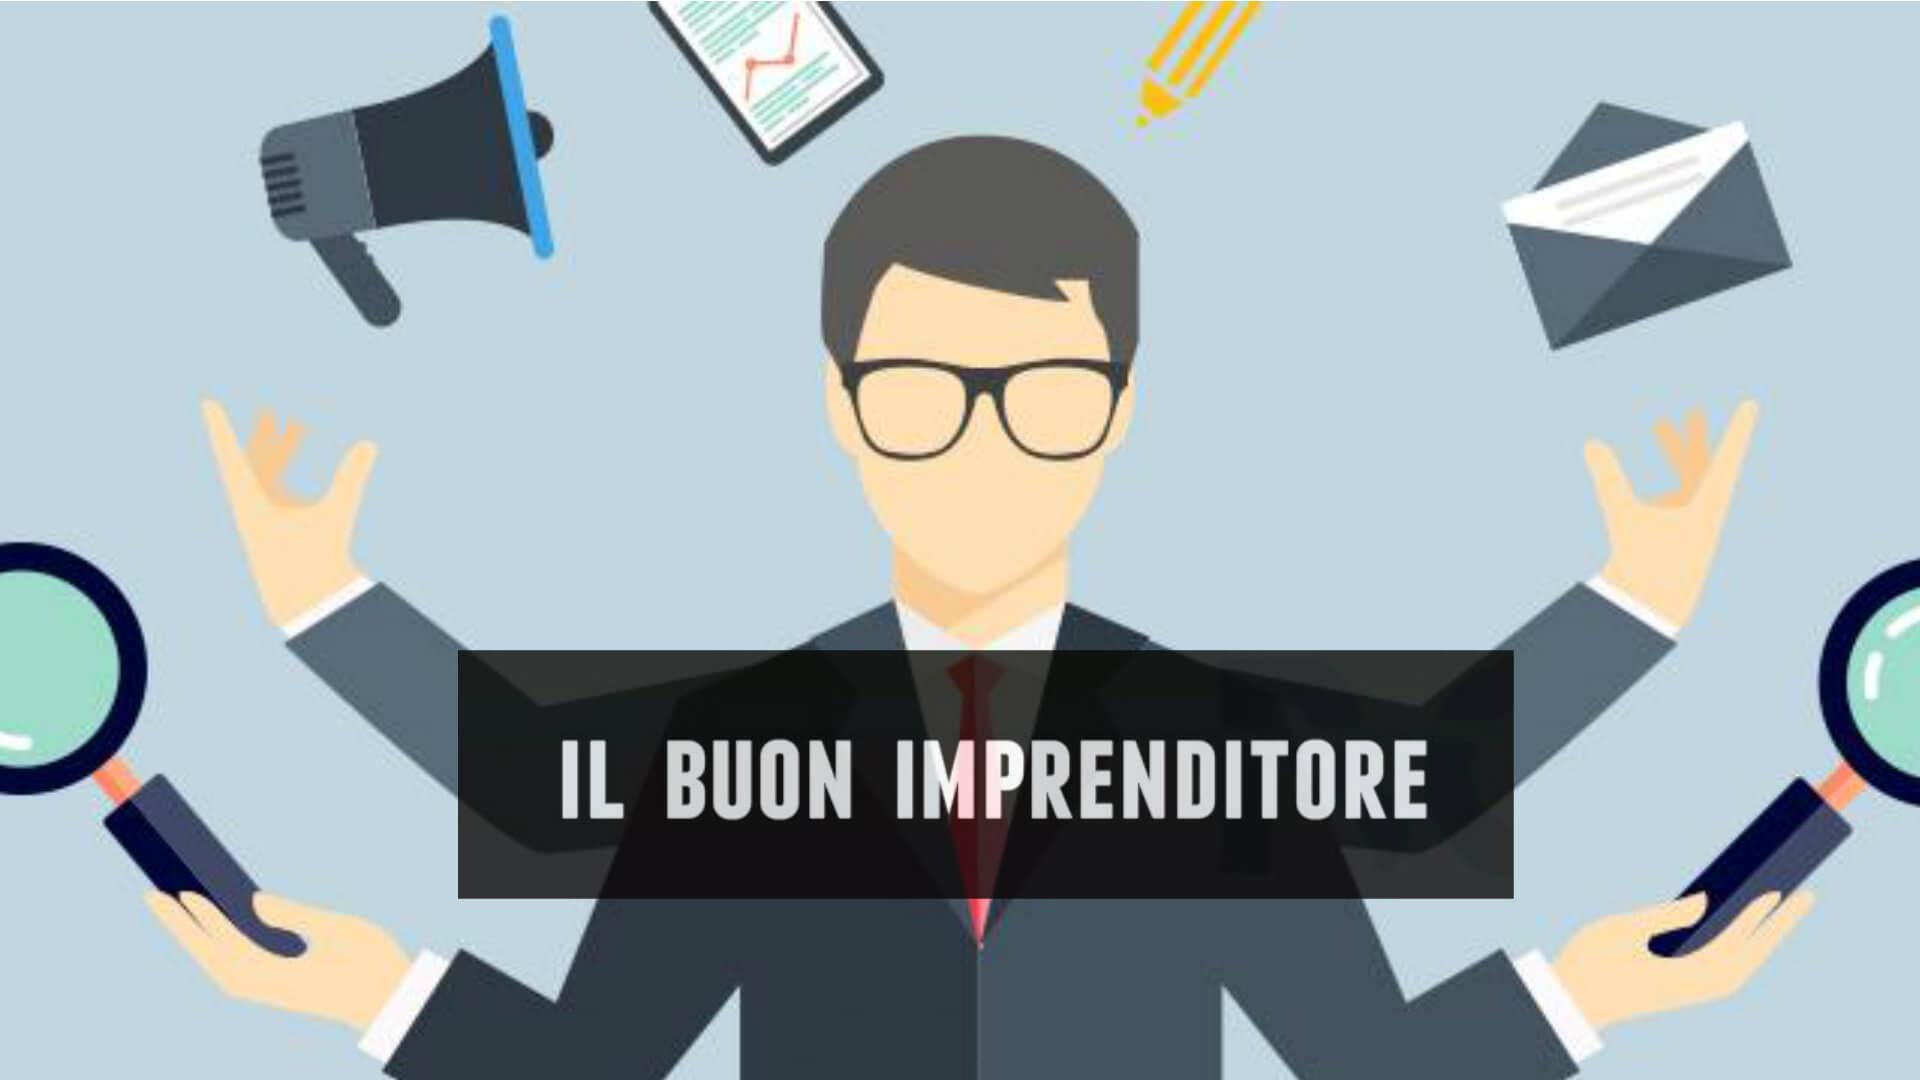 Le 10 regole del buon imprenditore stilate da Leopoldo Pirelli